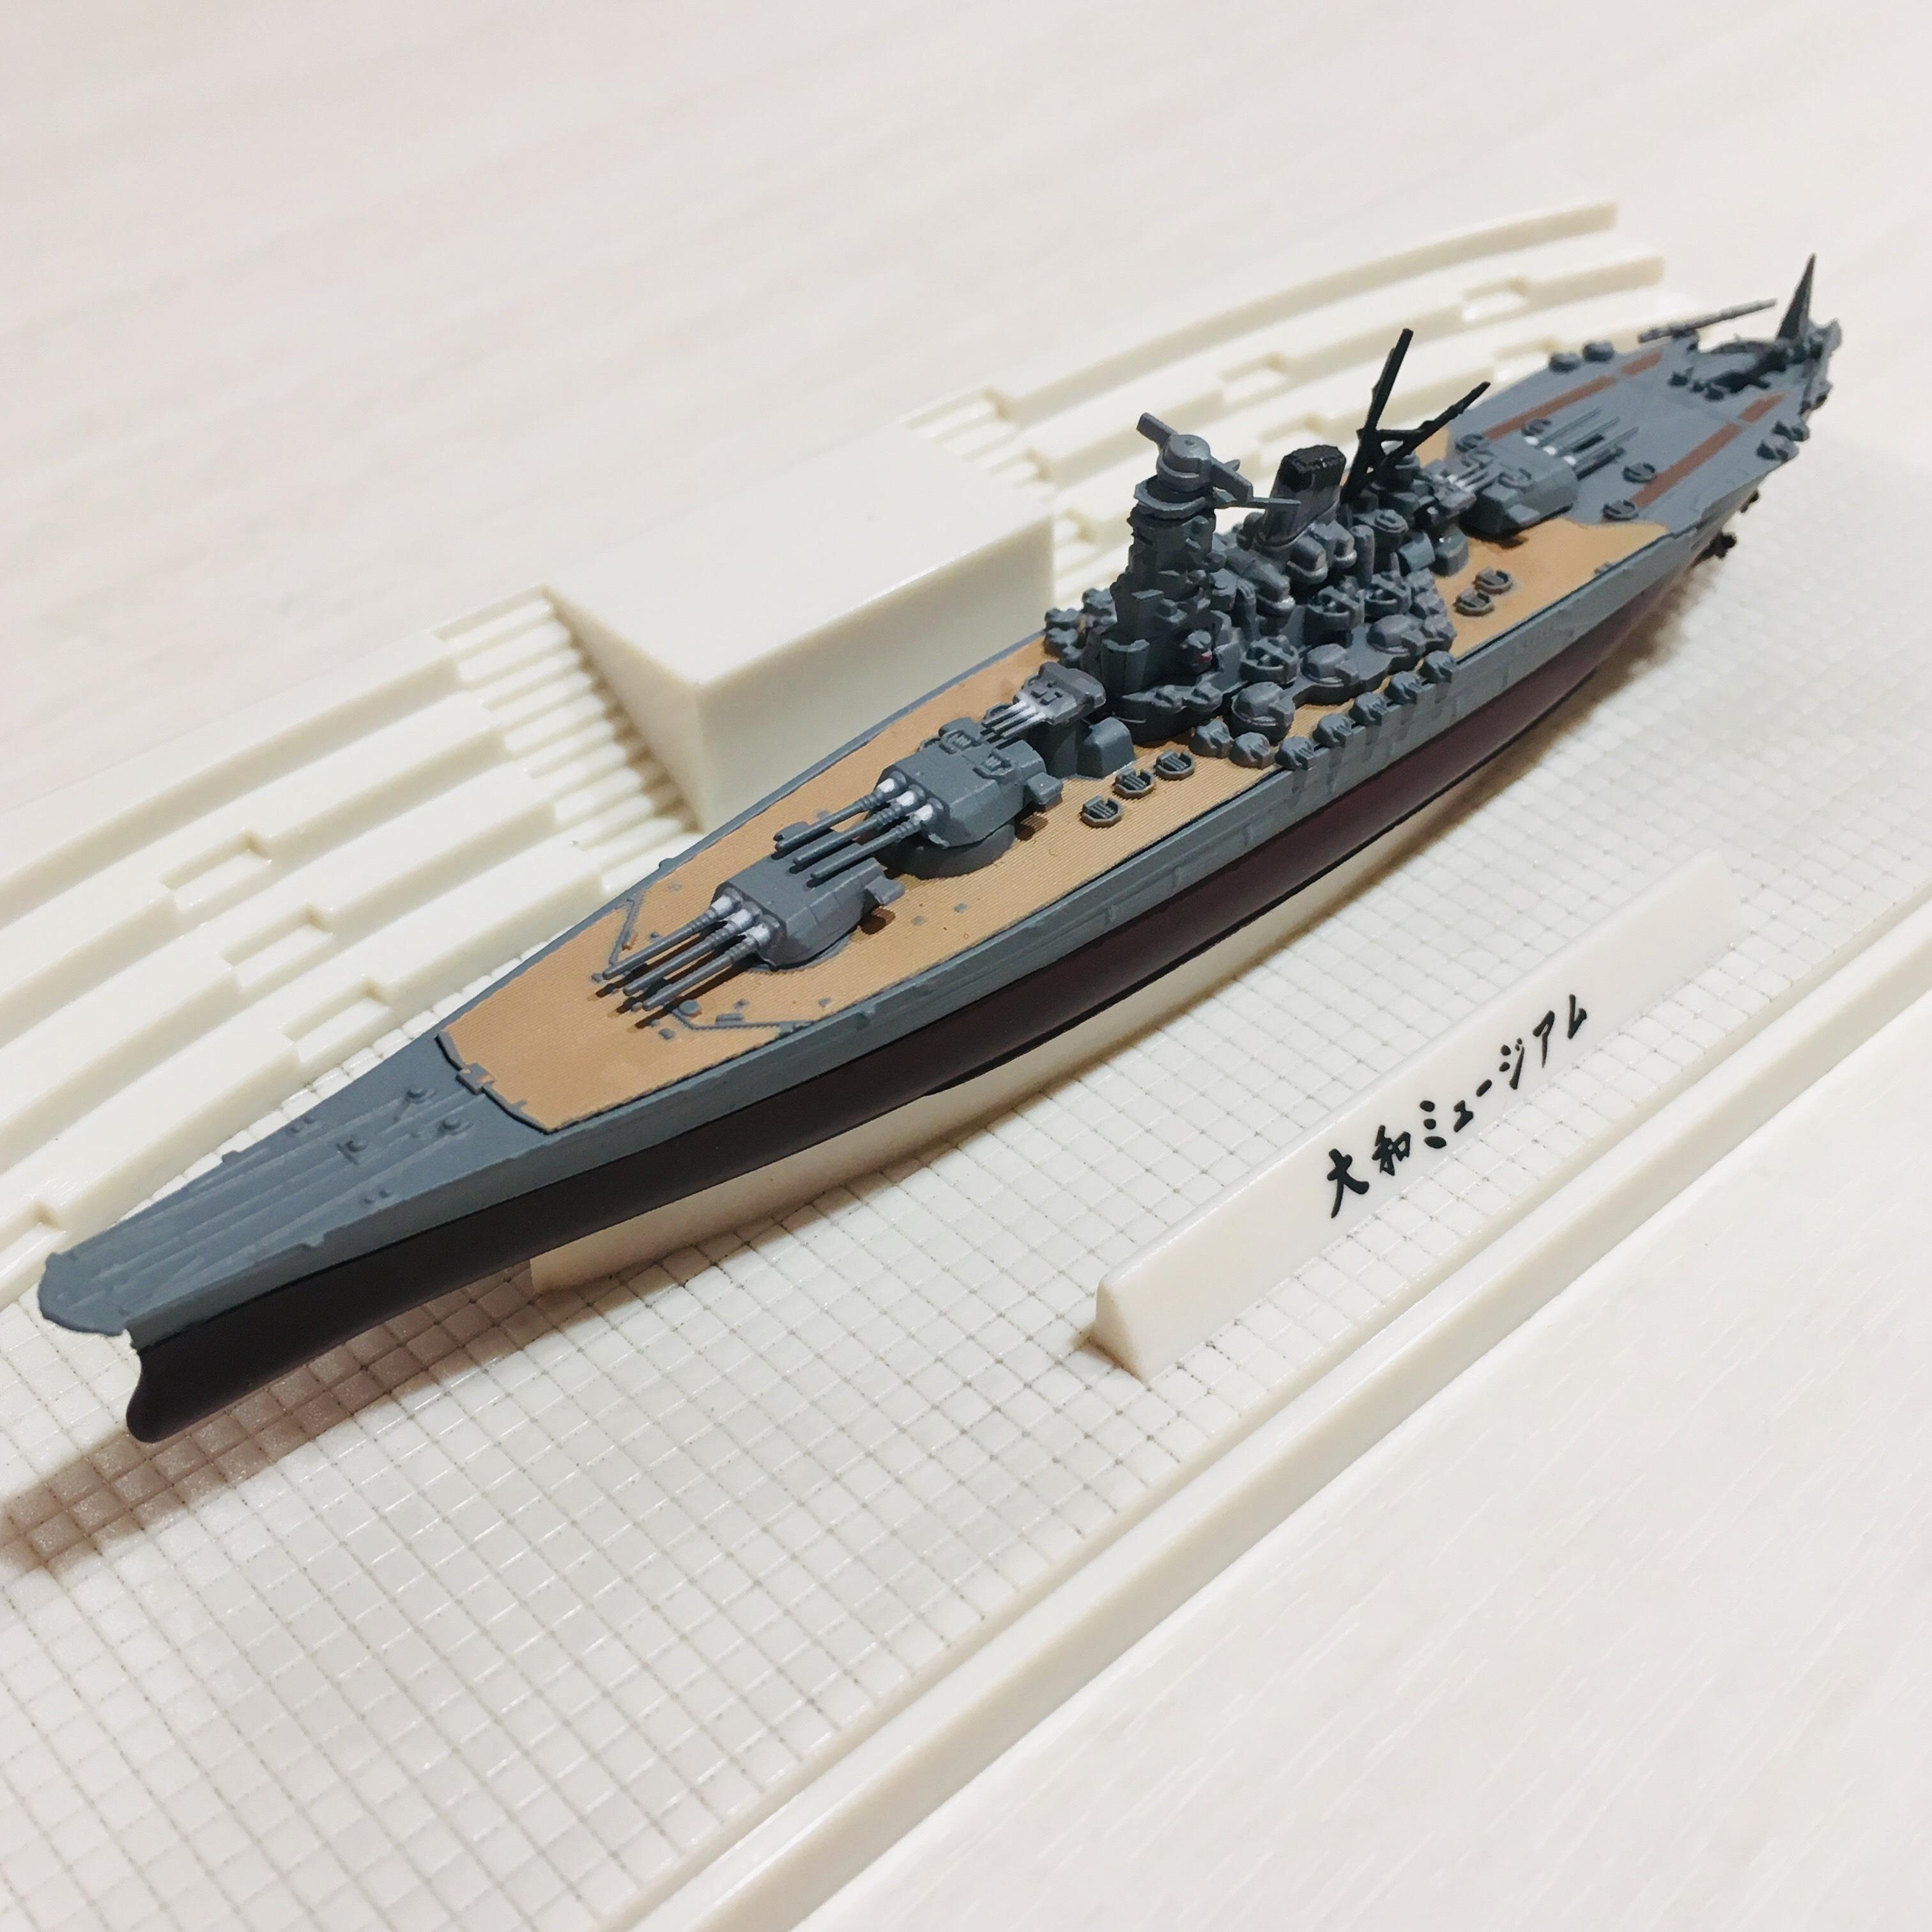 『がんばろう広島』「戦艦大和と海軍グッズ」を期間限定で販売!~呉の歴史、呉の技術、そして平和の大切さを~